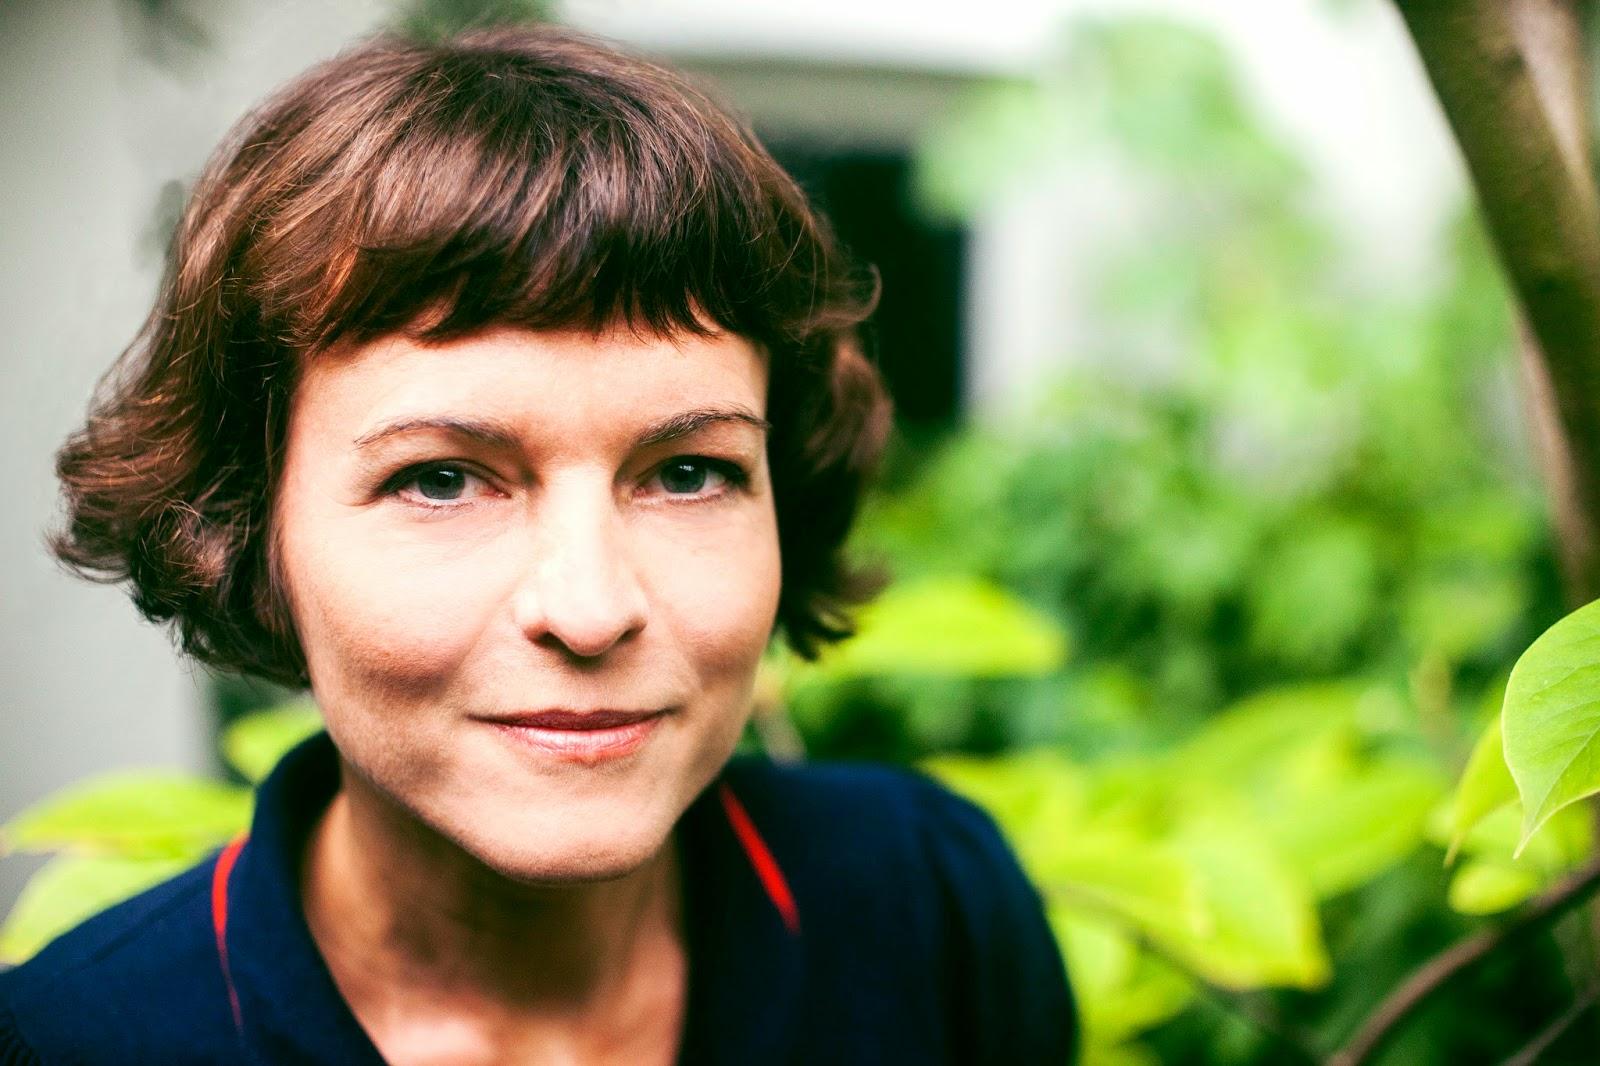 Author Cassie Liversidge